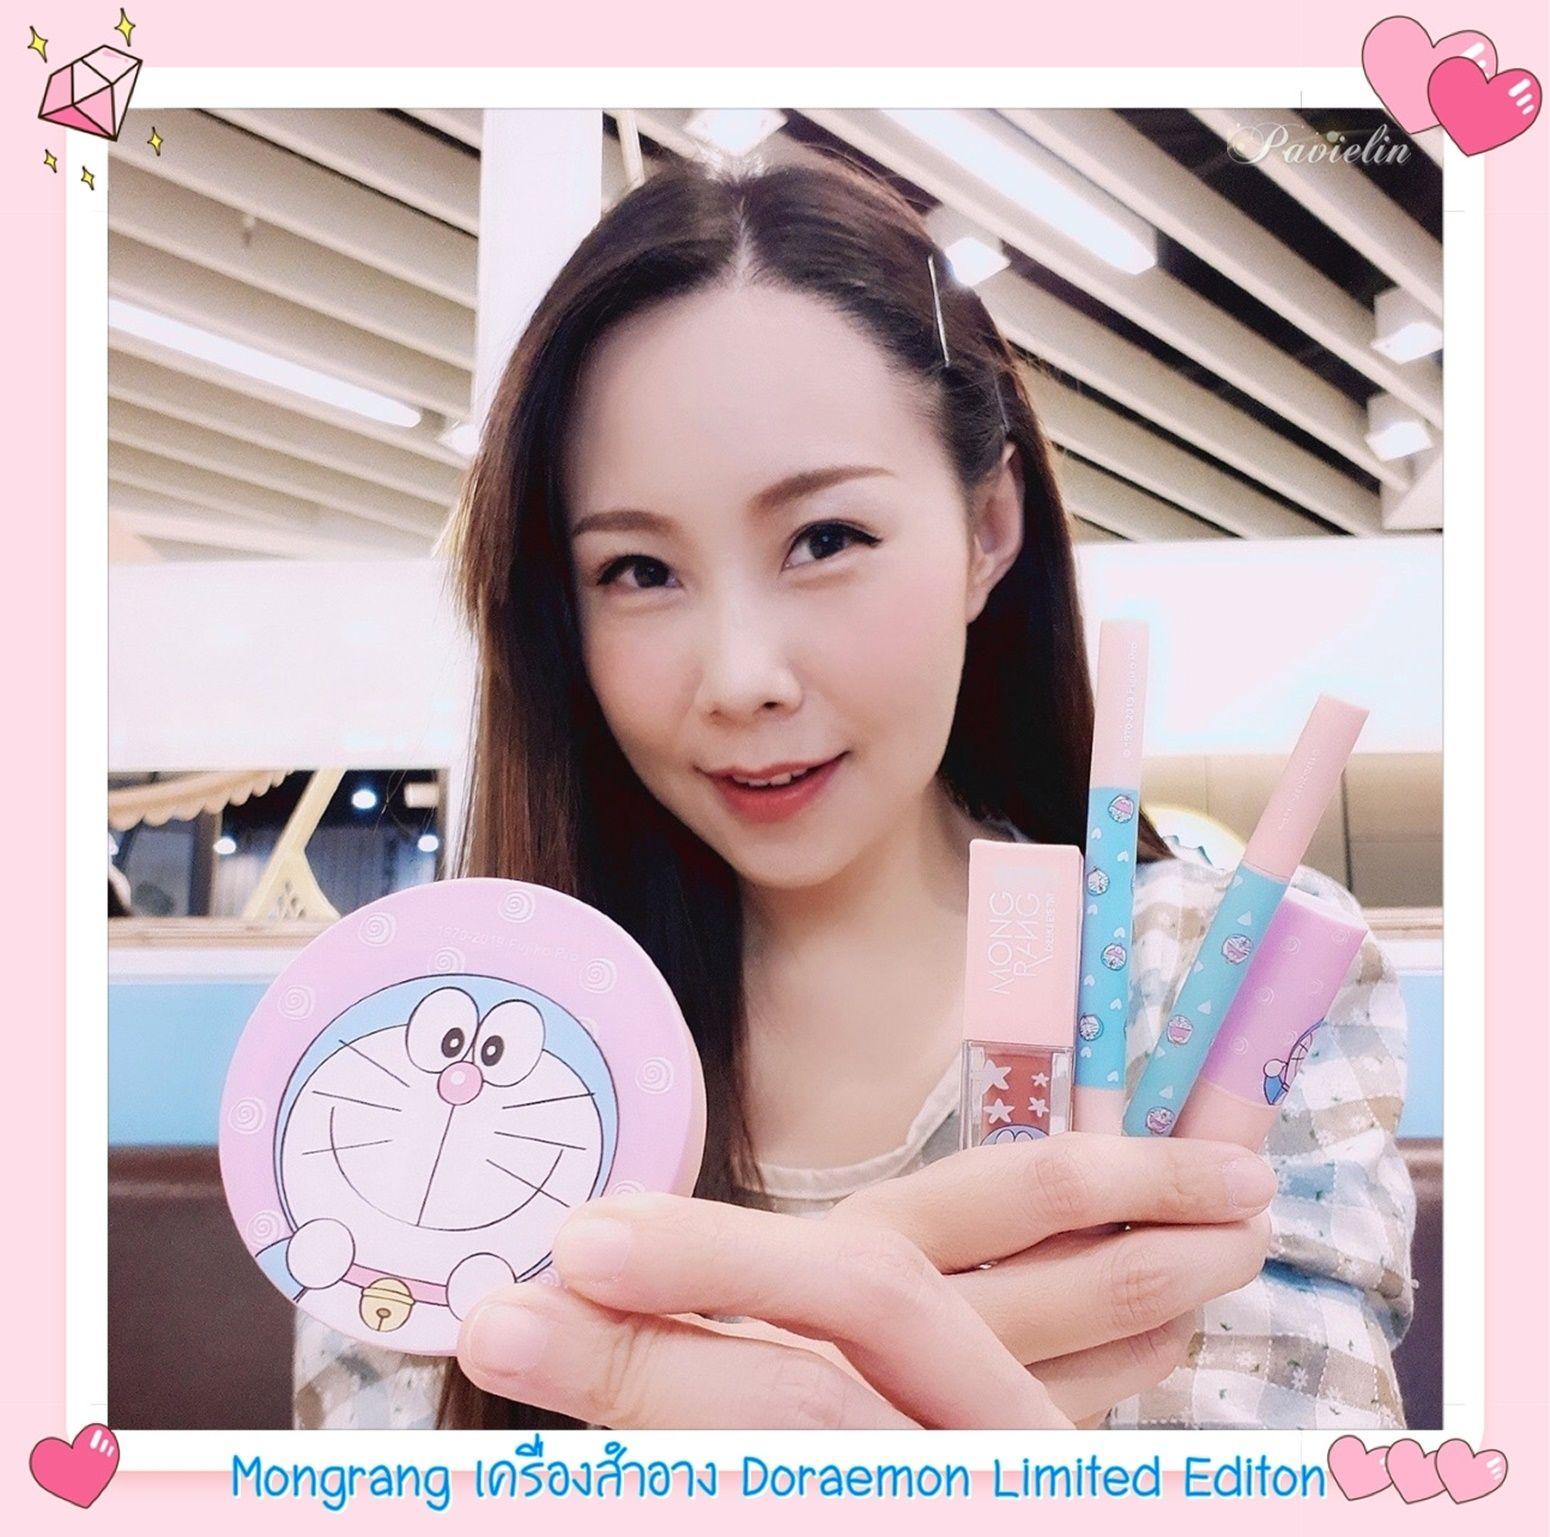 เซเลอร์มูน sailor moon @mongrangofficial #MongRangxDoraemon #Mongrang #Doraemon #MongrangDoraemon #มองแรง #มองแรงโดราเอมอน #MongrangDoraemon #ลุคดีมองแรงส์#โดราเอมอนน่ารัก #Beauty #BeautyBloggers #Review #MongrangCosmetic#ドラえもん#多啦A夢 #泰國美妝 #makeup #cosmetics #instamood #JellyTint #TintLipAndCheek #Lips #ThaiMakeup #ThaiProducts#doraemoncollection #imdoraemon #泰國 #泰國必買#唇膏 เครื่องสำอาง น่ารัก รีวิว ทดลองใช้ ดีไหม